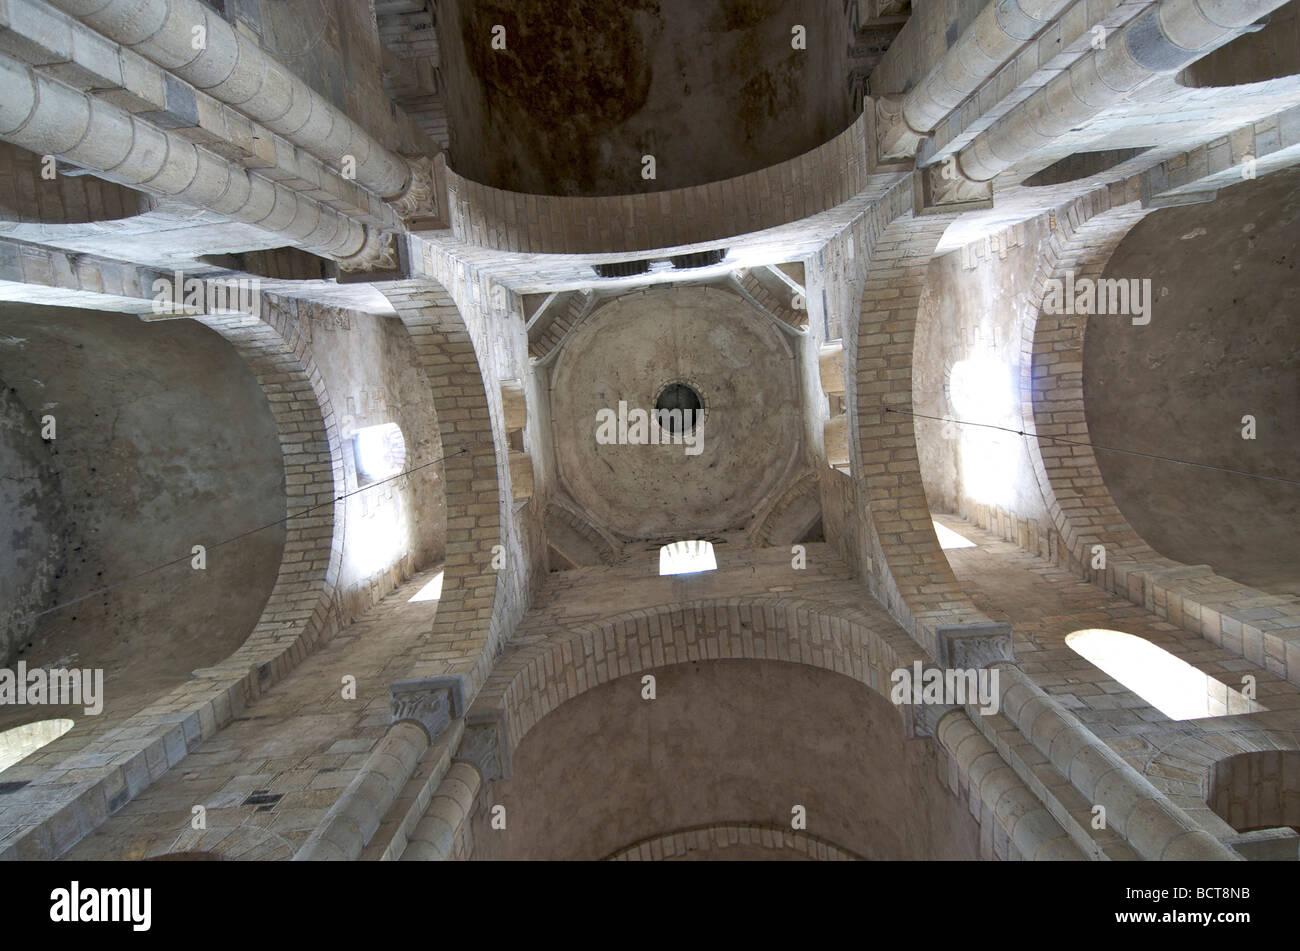 Interieur der romanischen Basilika St. Julien Brioude. Auvergne. Frankreich. Stockbild